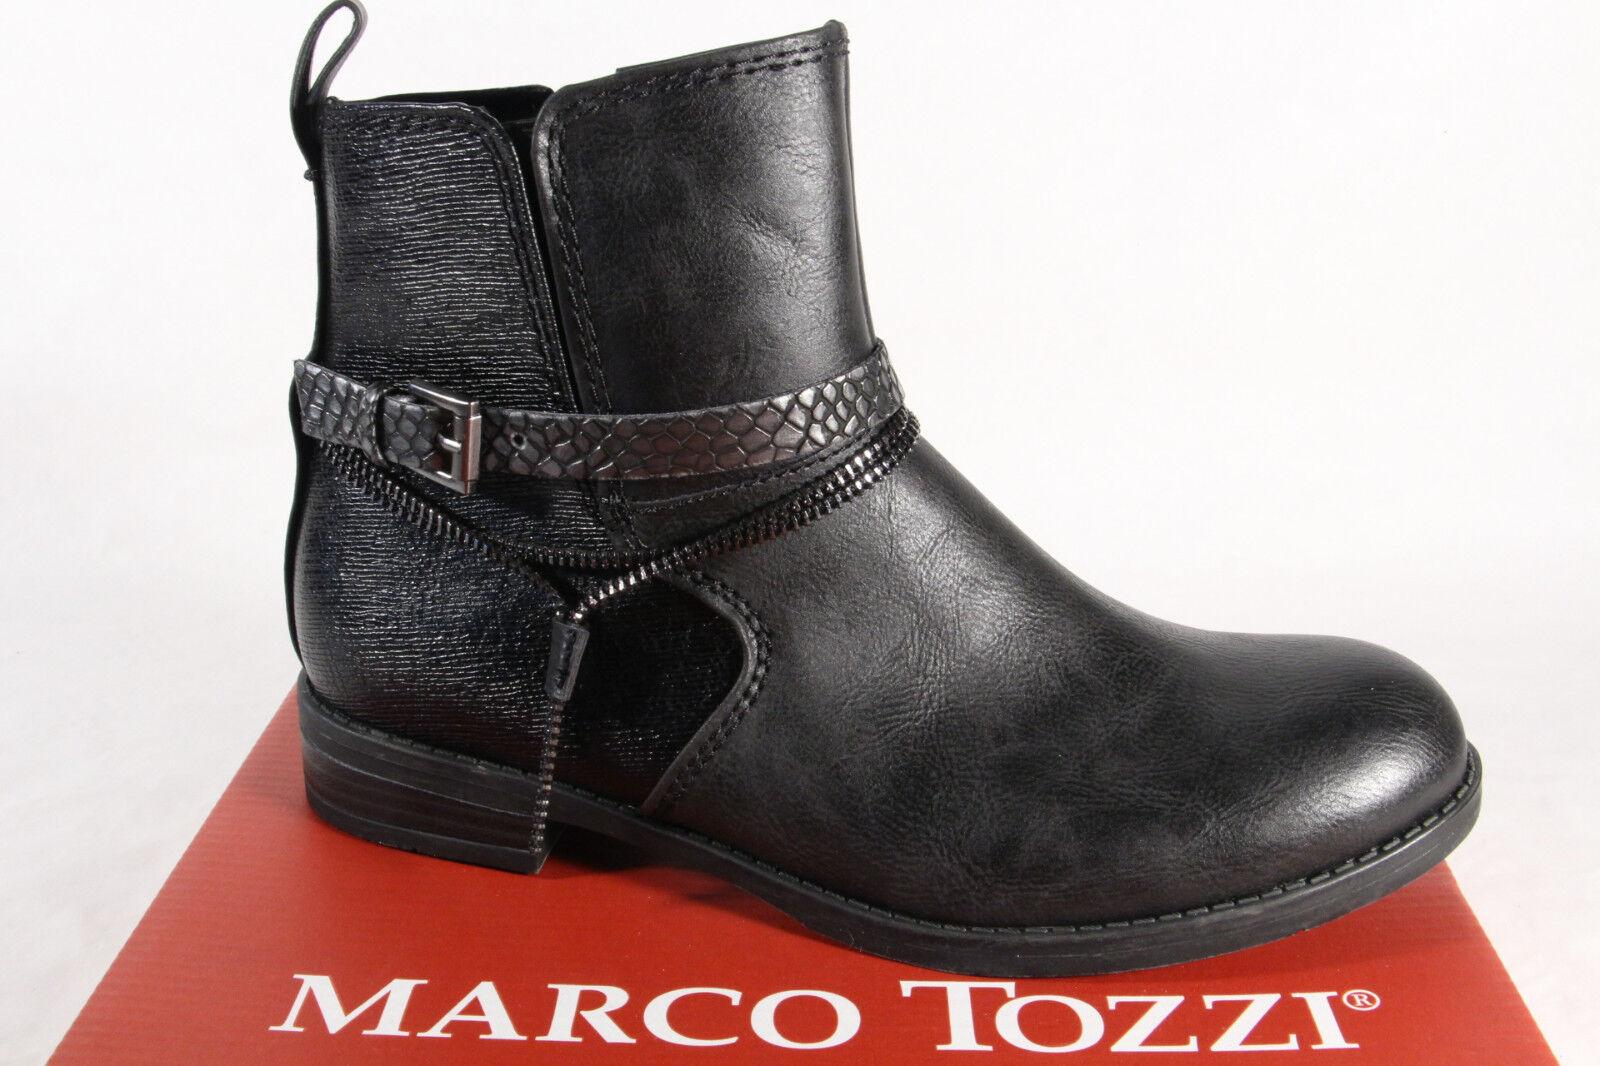 Marco Tozzi Damen Stiefel 25362 Stiefelette Stiefelette Stiefel schwarz NEU